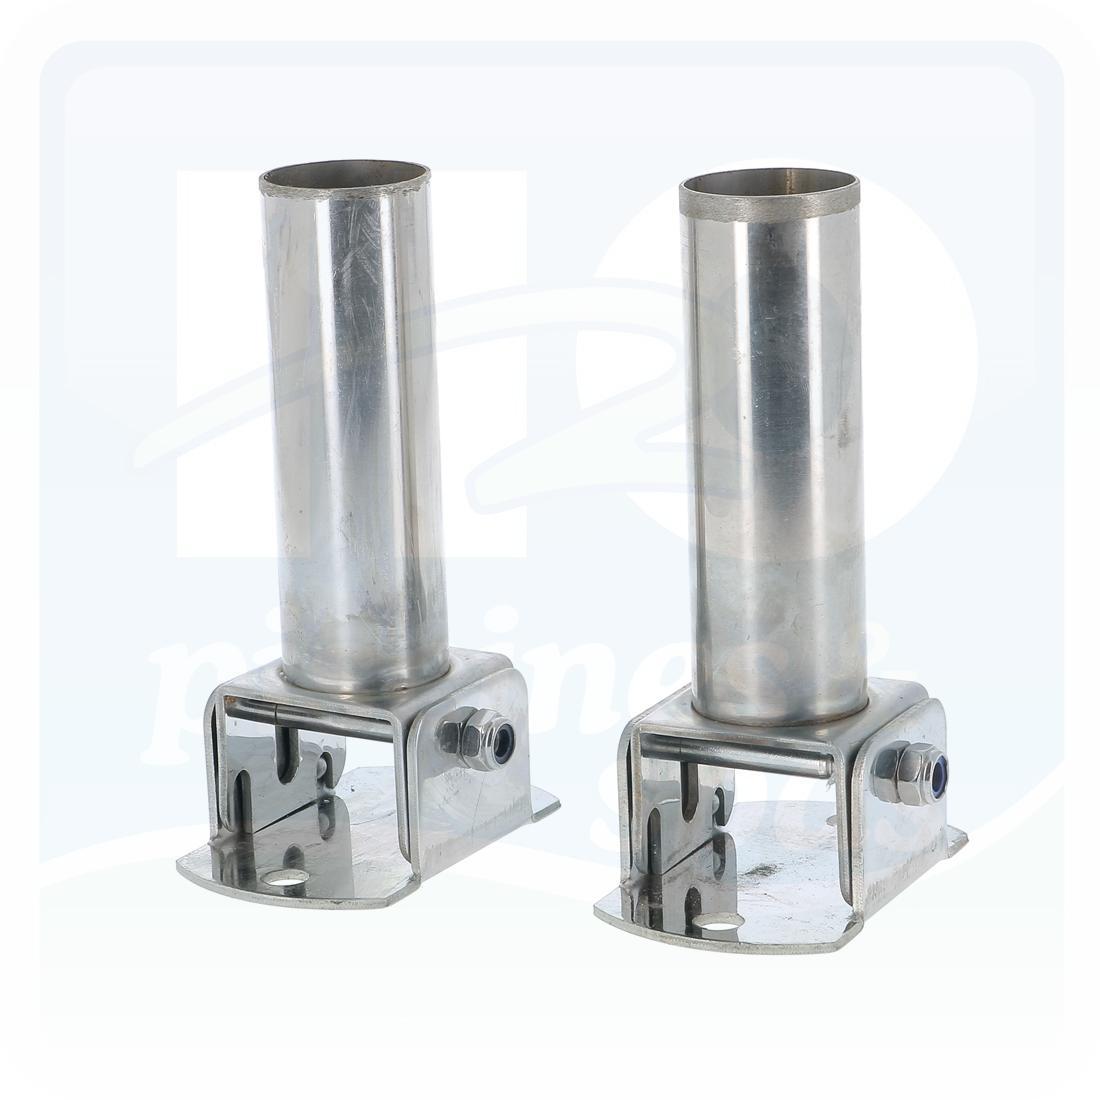 Articulations D'échelle De Piscine - H2O Piscines & Spas pour Echelle Pour Piscine